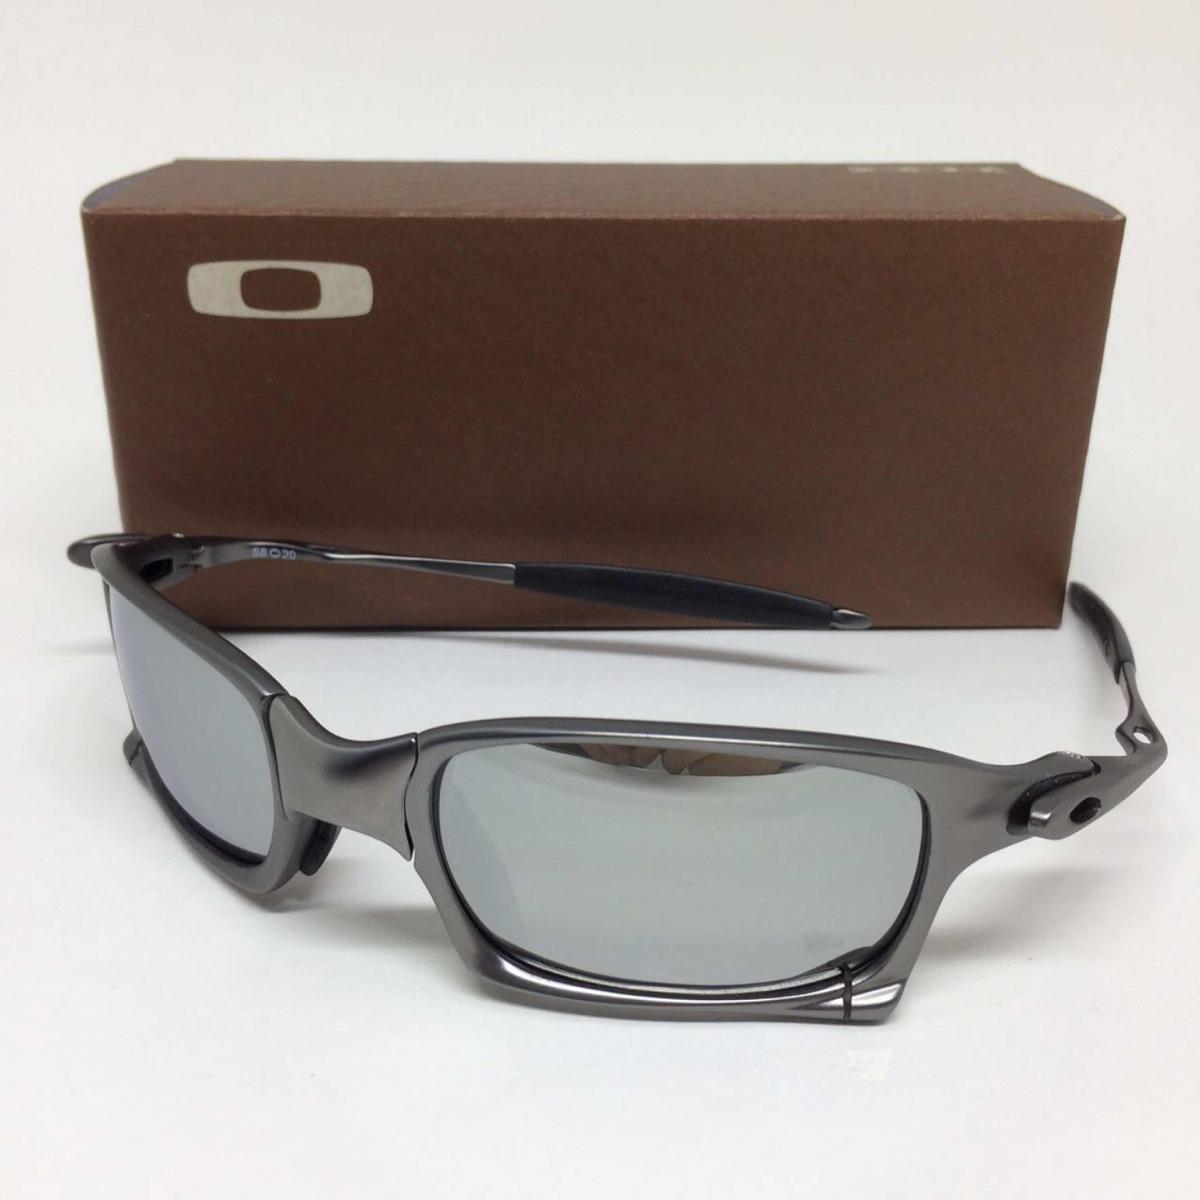 Carregando zoom... oculos oakley juliet squared armação grafite lente prata 22f869dba6